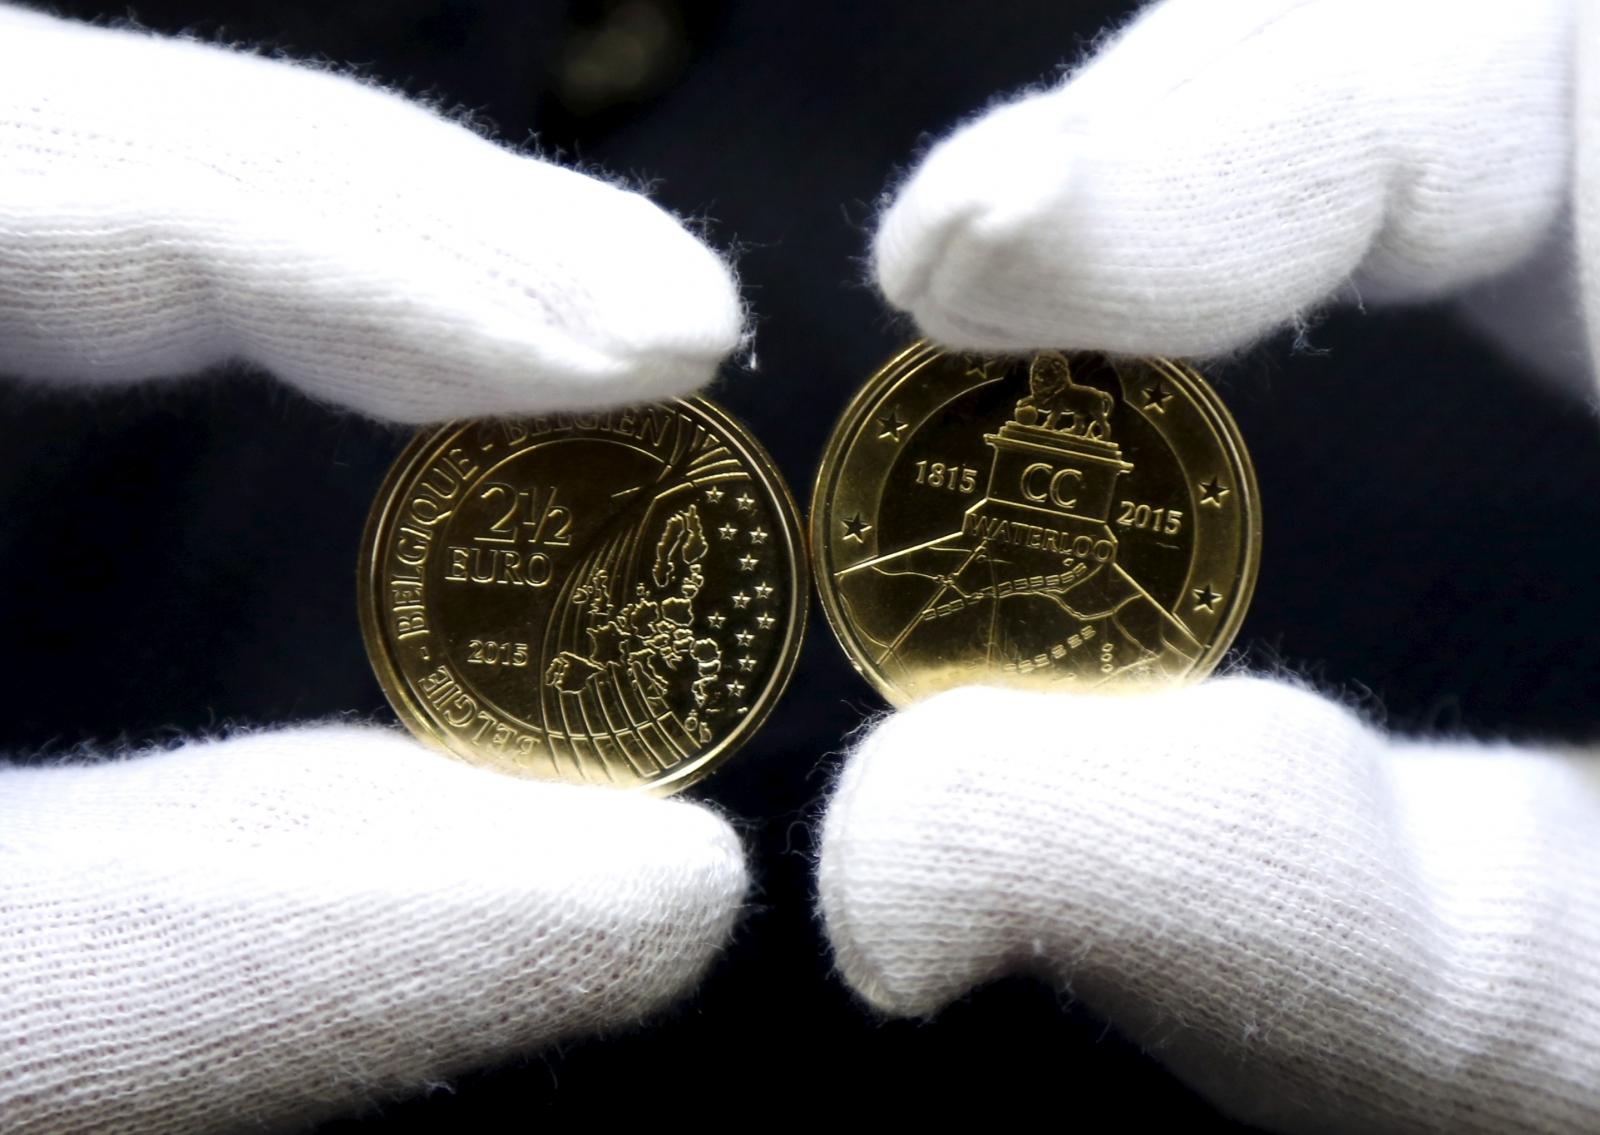 Belgium coins